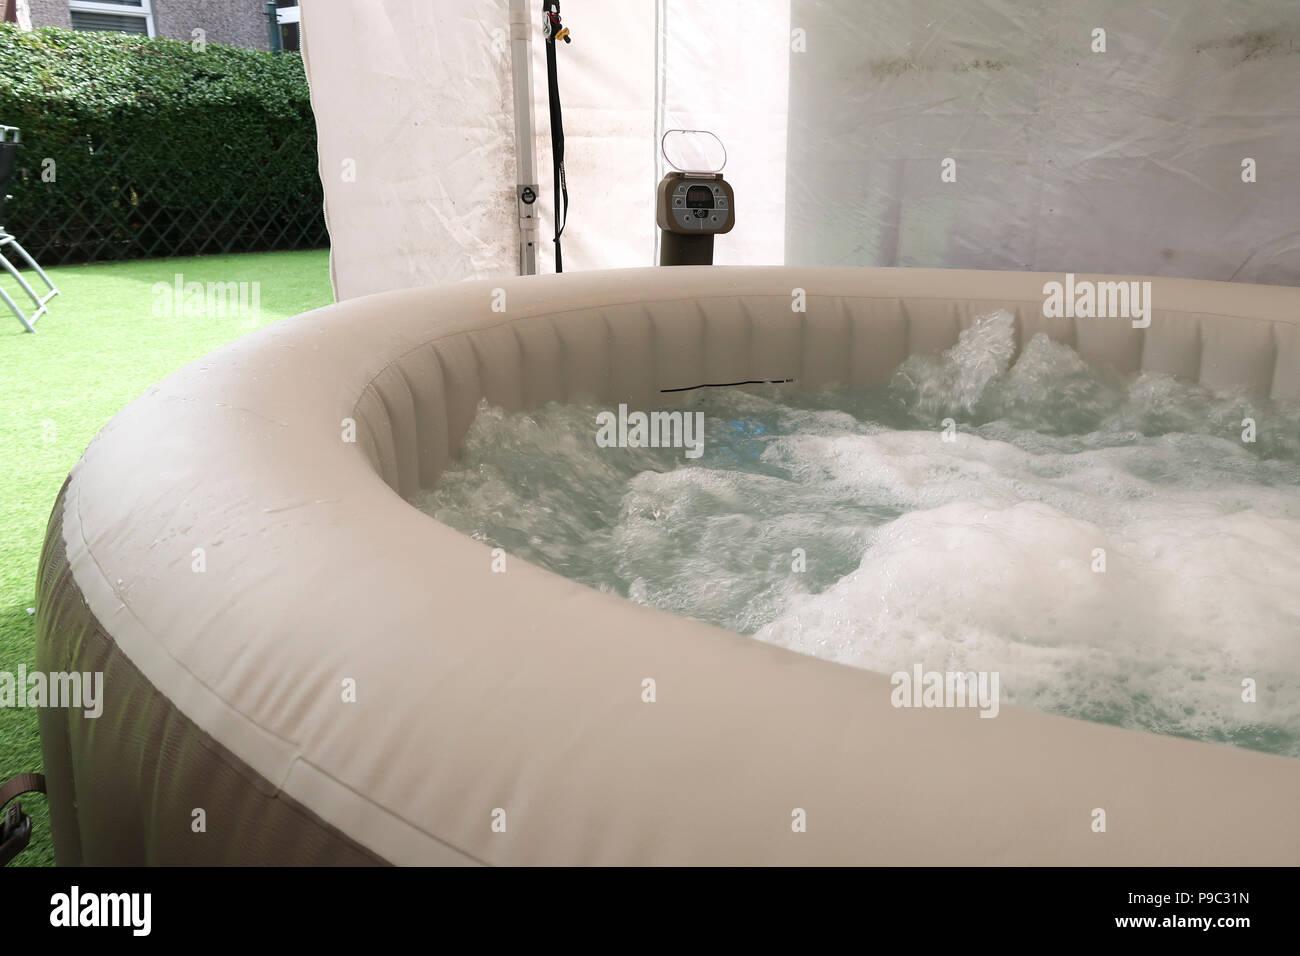 Hot Tub Garden Stock Photos & Hot Tub Garden Stock Images - Alamy